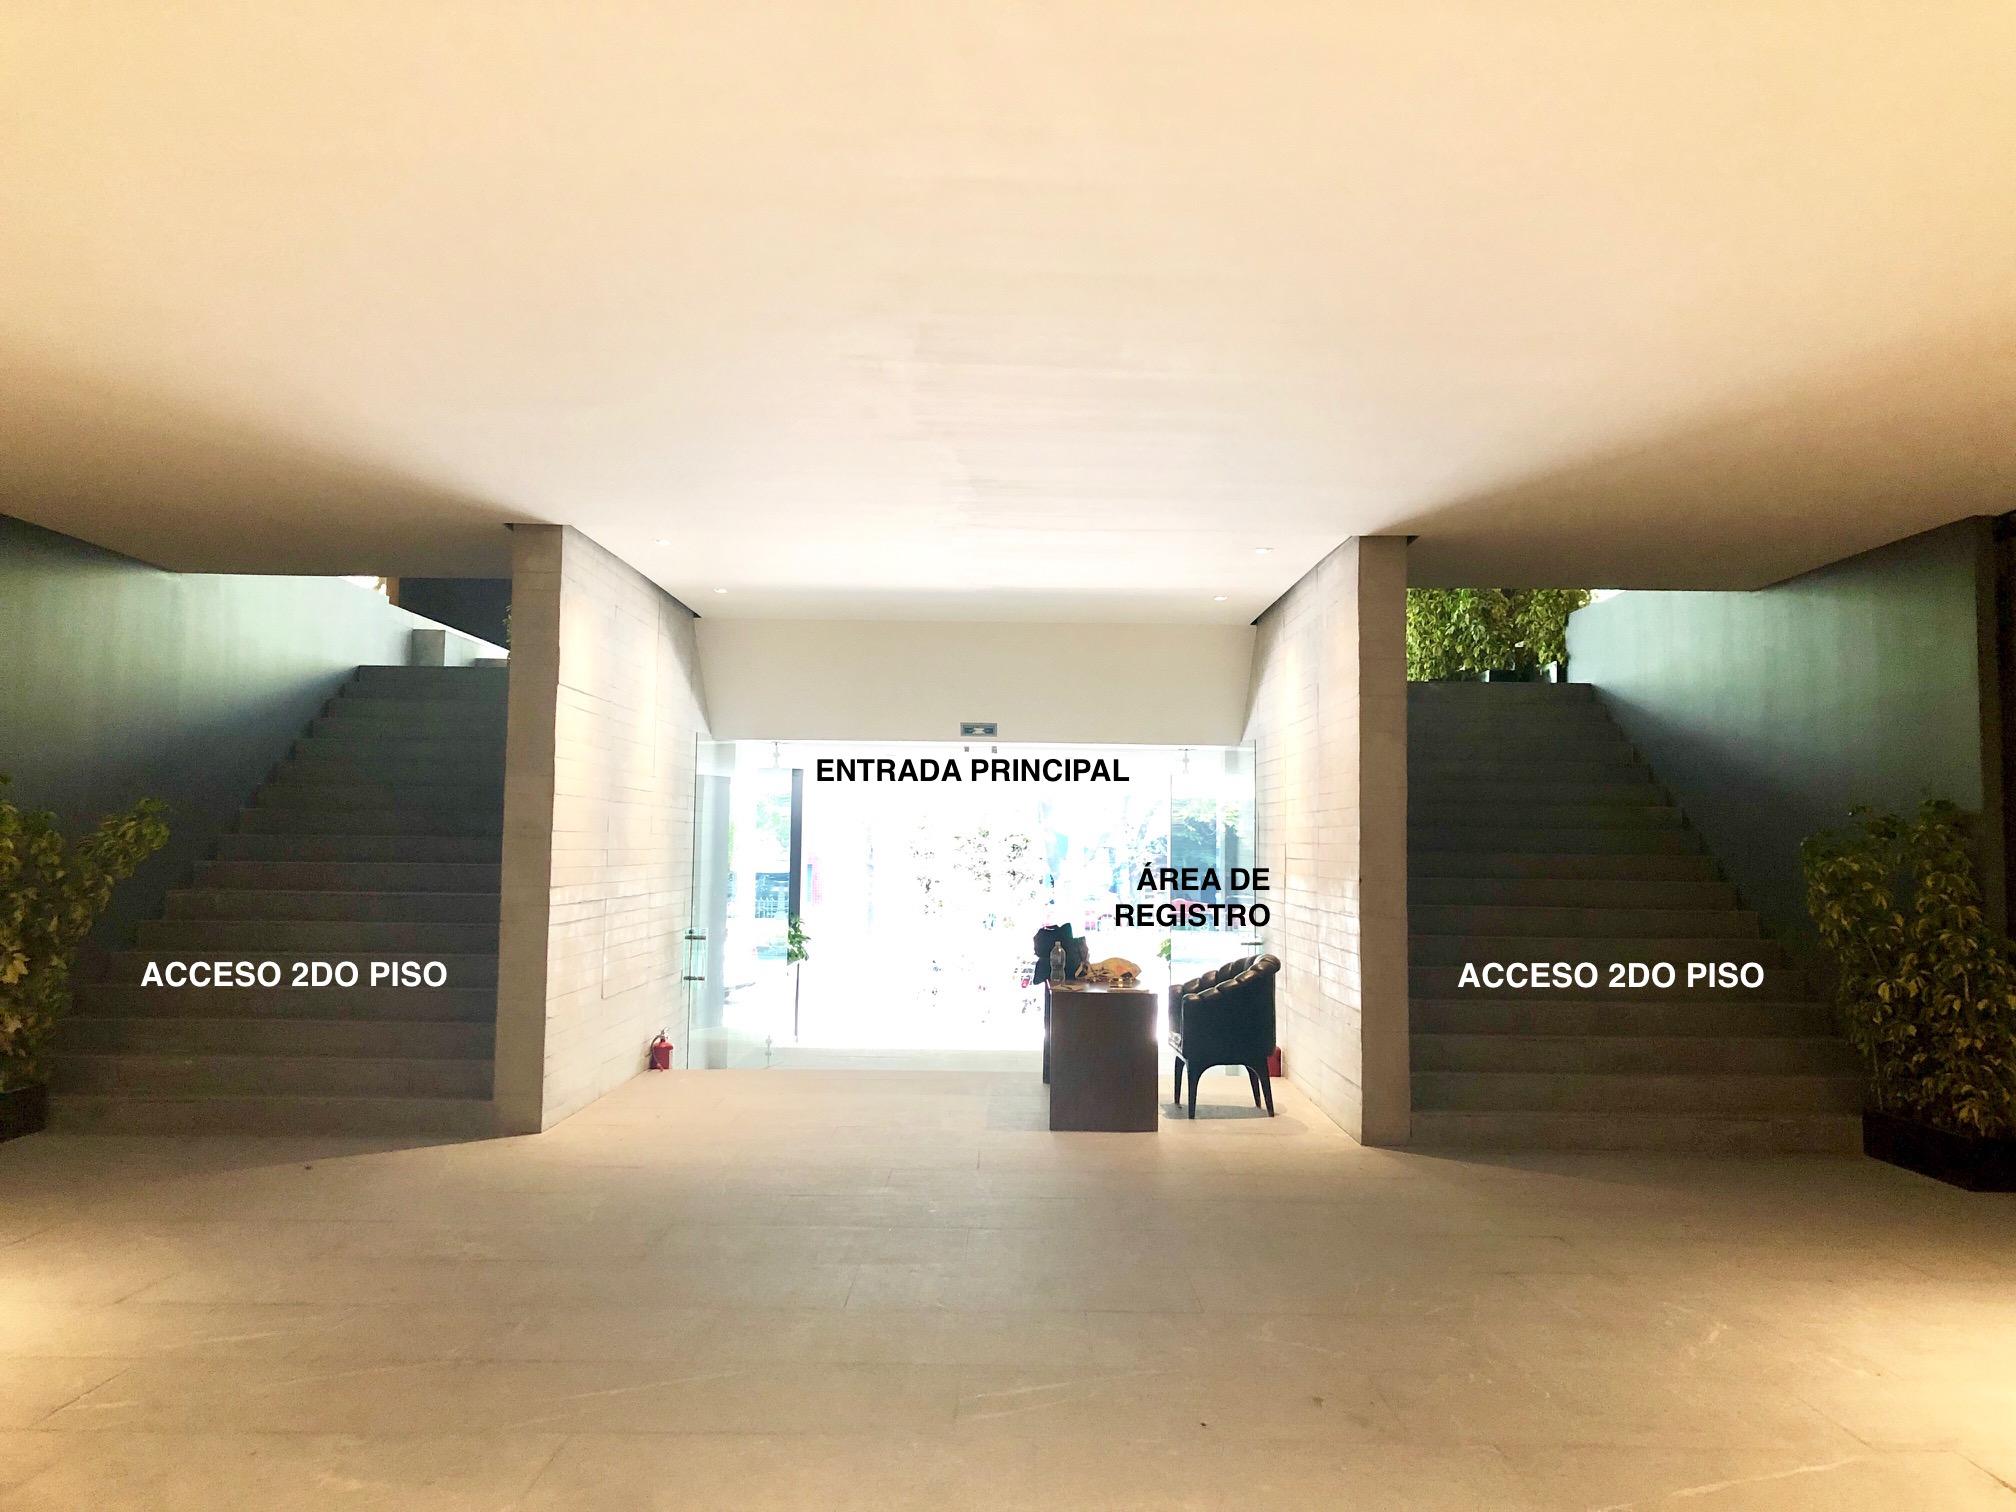 Entrada principal y área de registro.  Escaleras con acceso al 2do piso.